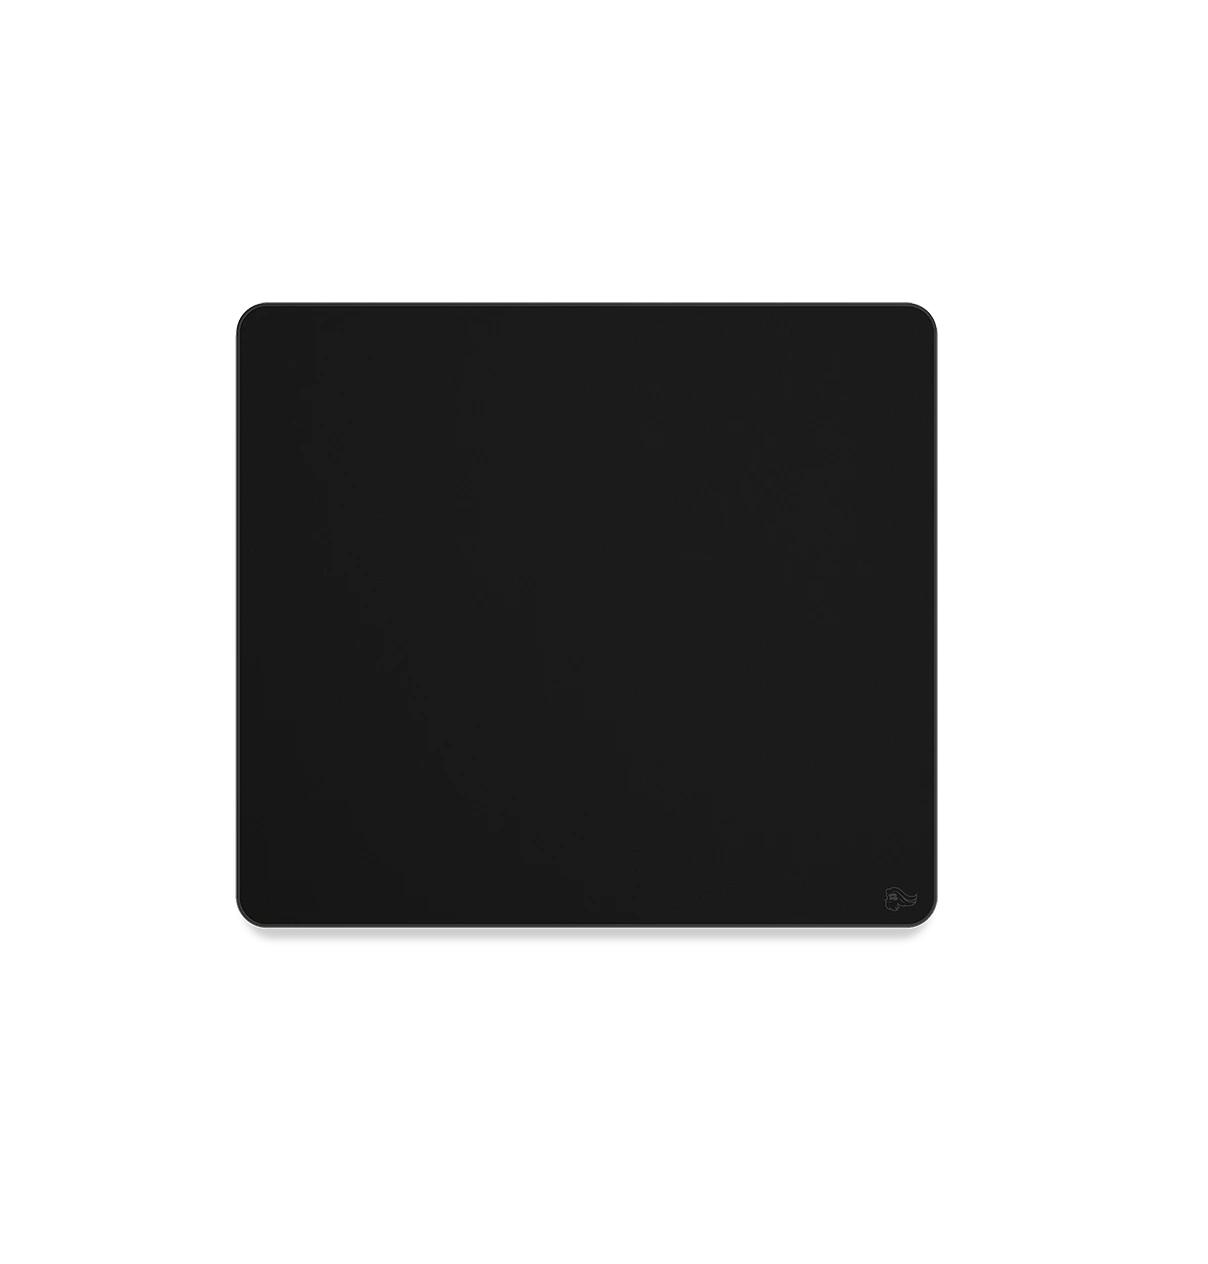 Tapis de souris Sthealth - XXL Extended, Noire